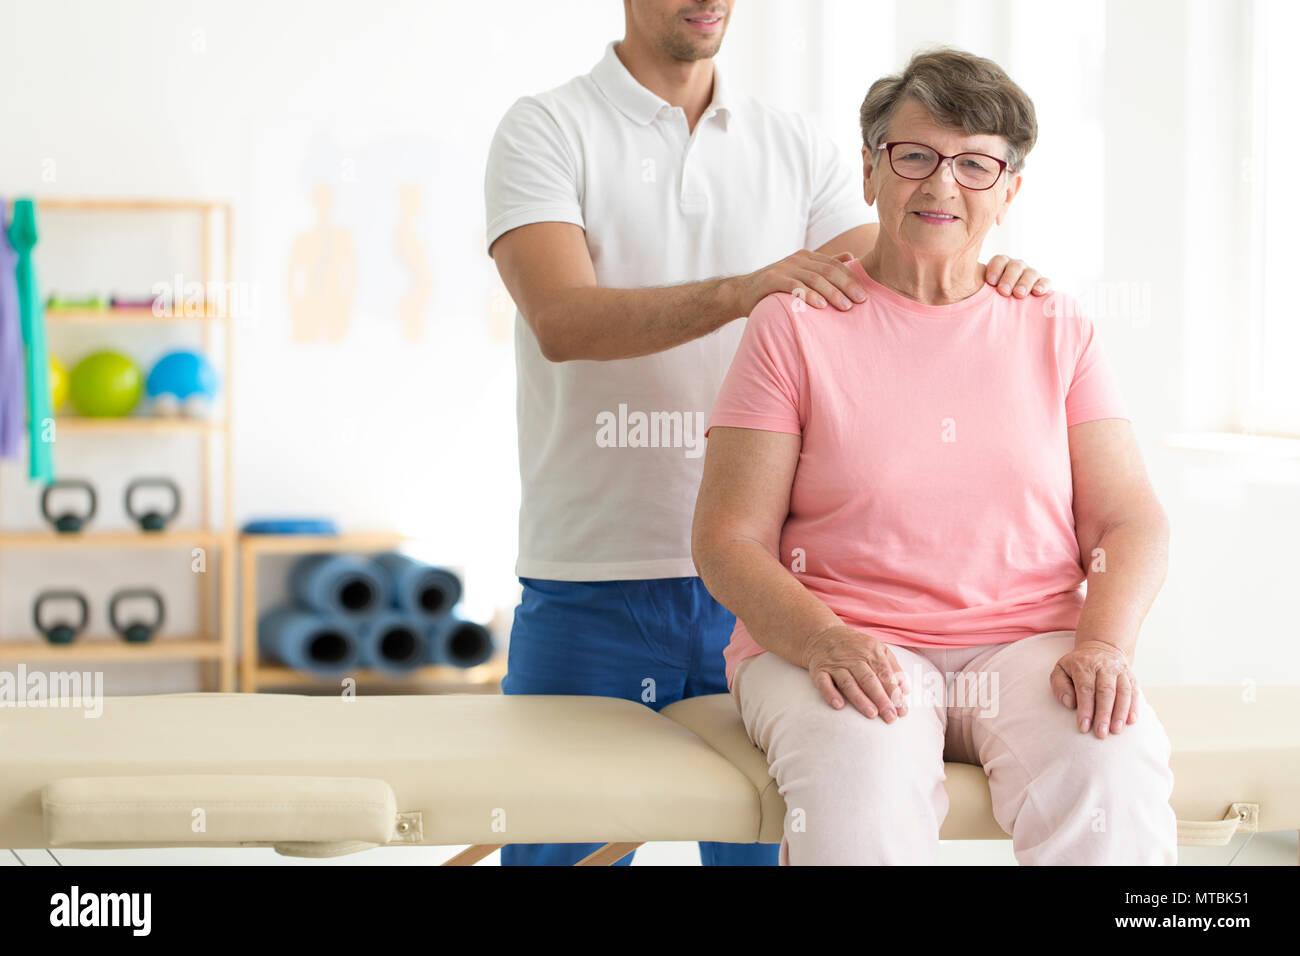 Impegnati anziana signora di essere riabilitato da un fisioterapista in fisioterapia Immagini Stock